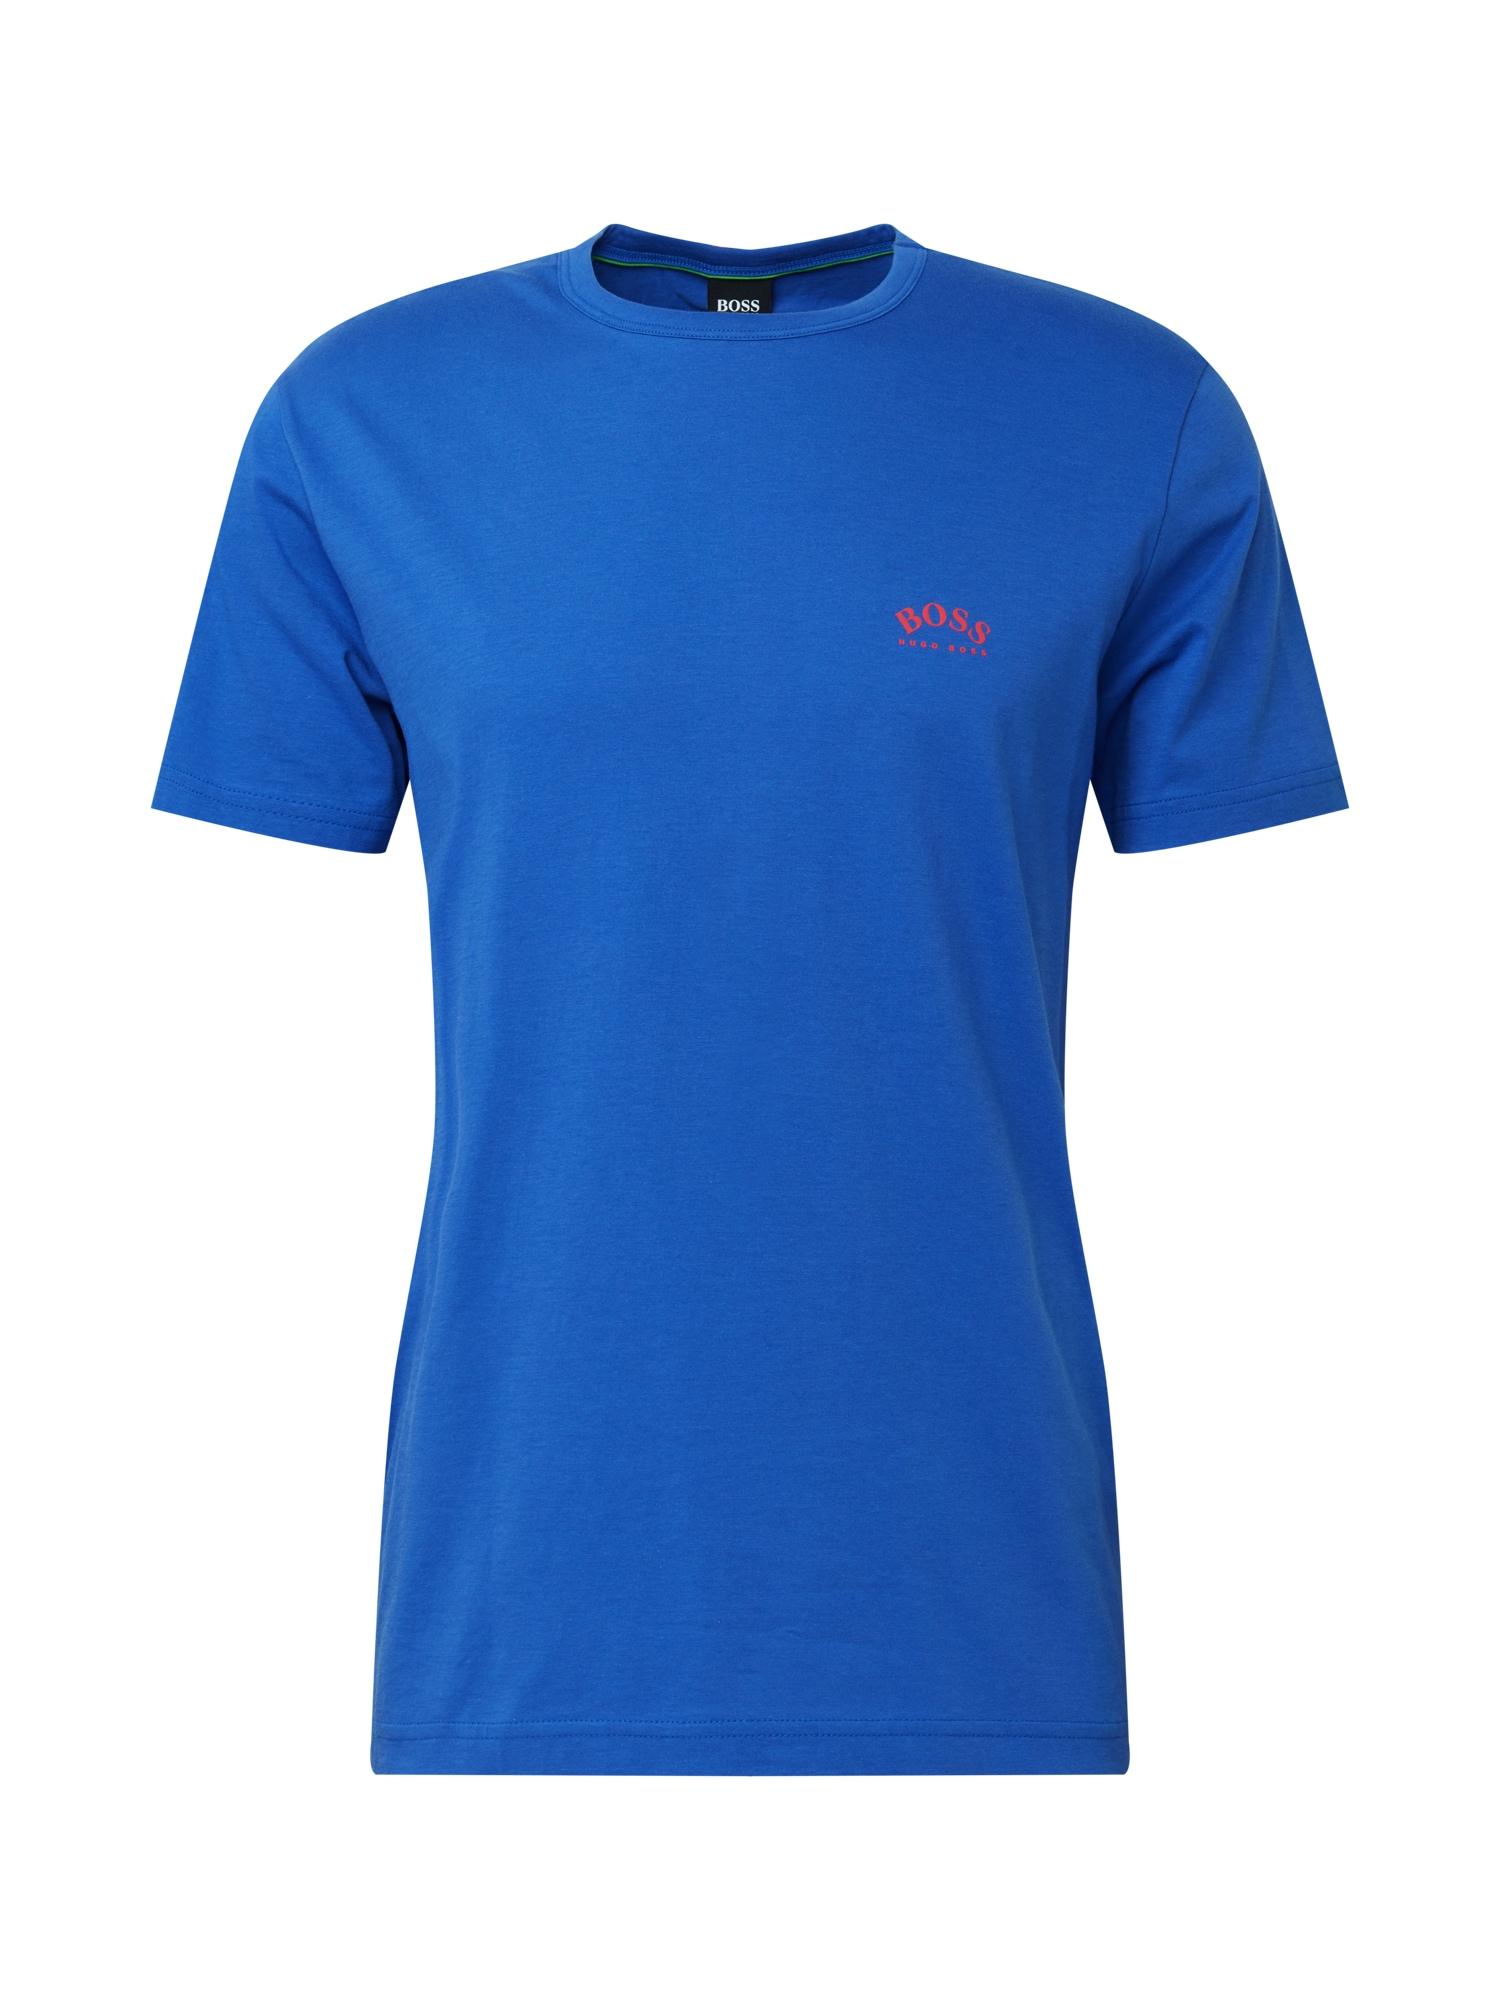 BOSS ATHLEISURE Marškinėliai 'Togn' mėlyna / raudona